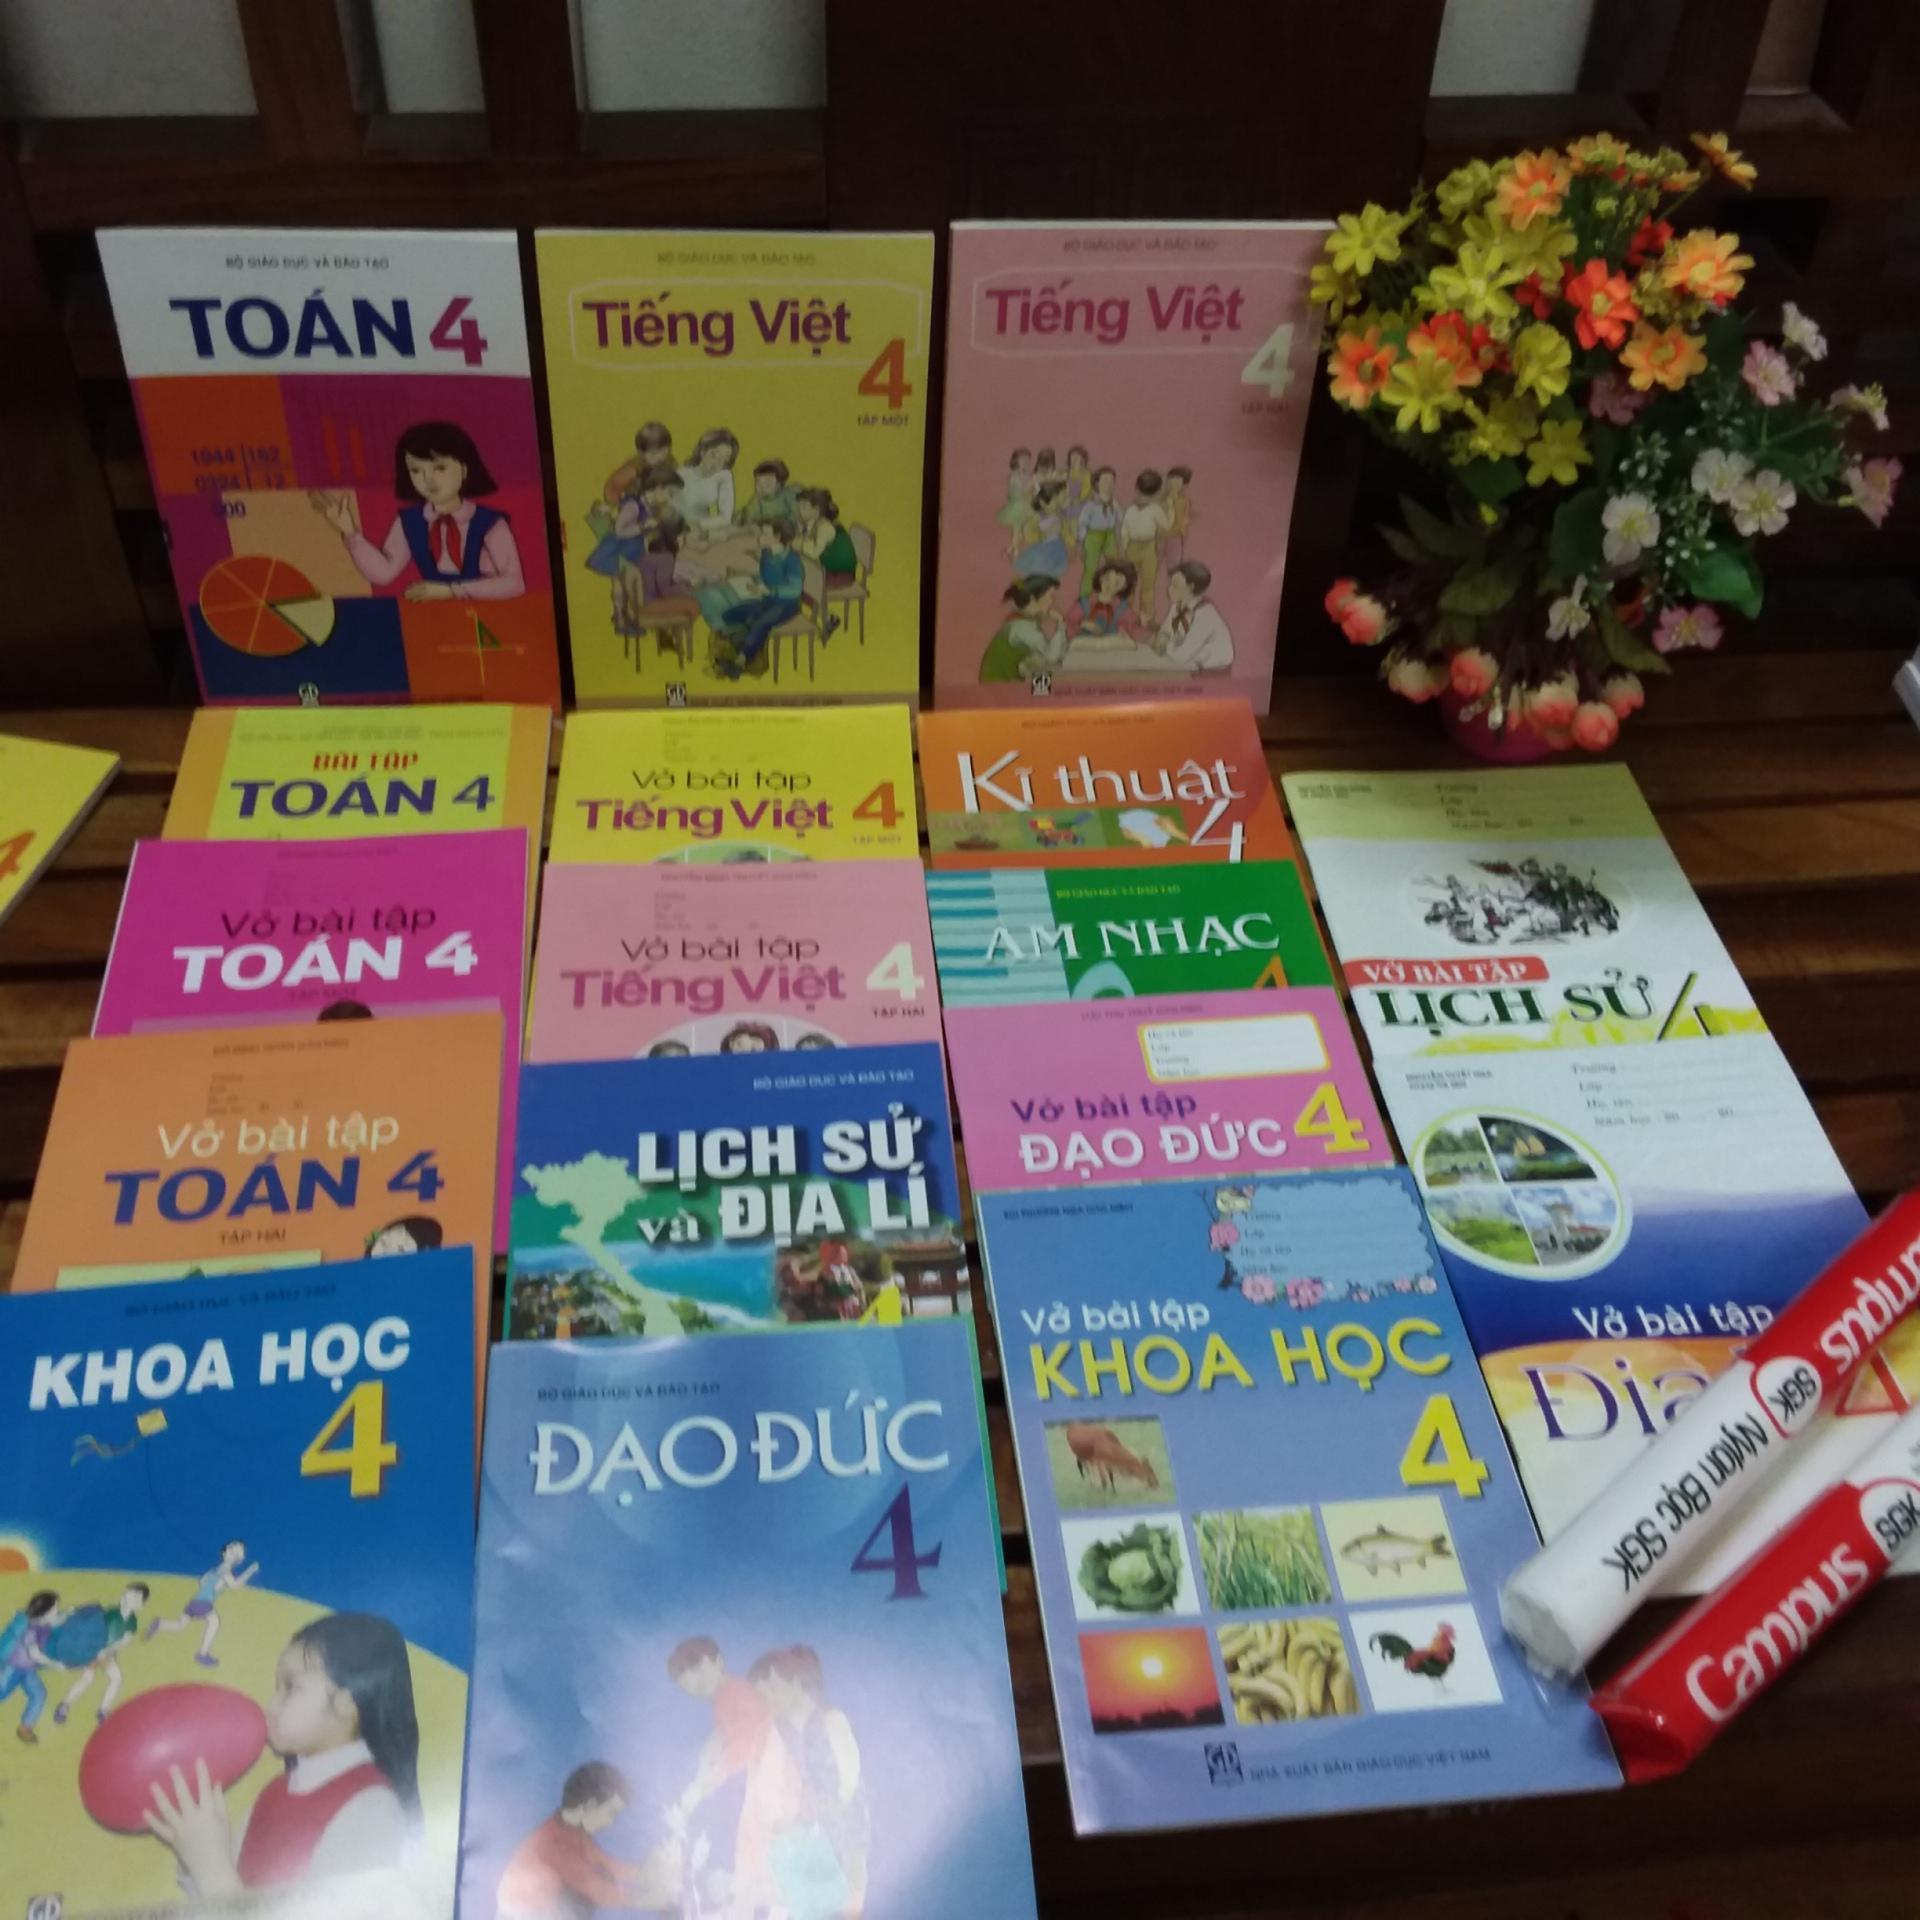 Mua Bộ sách giáo khoa lớp 4 ( sách + bài tập gồm 19  cuốn + 2 tập bọc sách giáo khoa )